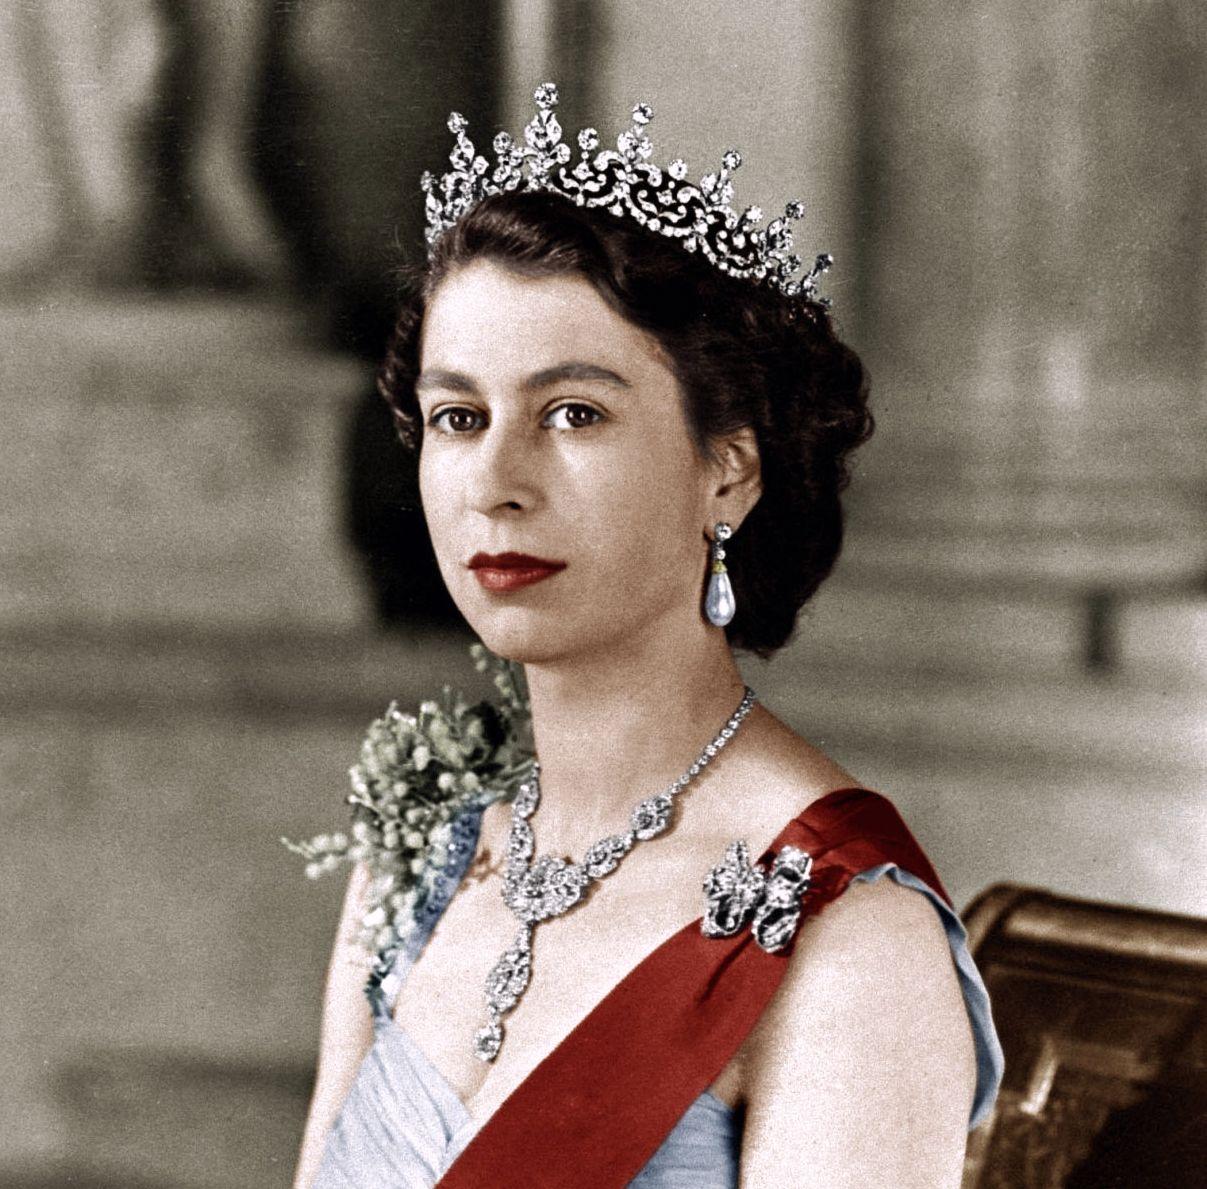 young Queen Elizabeth II wearing The Girls of Great